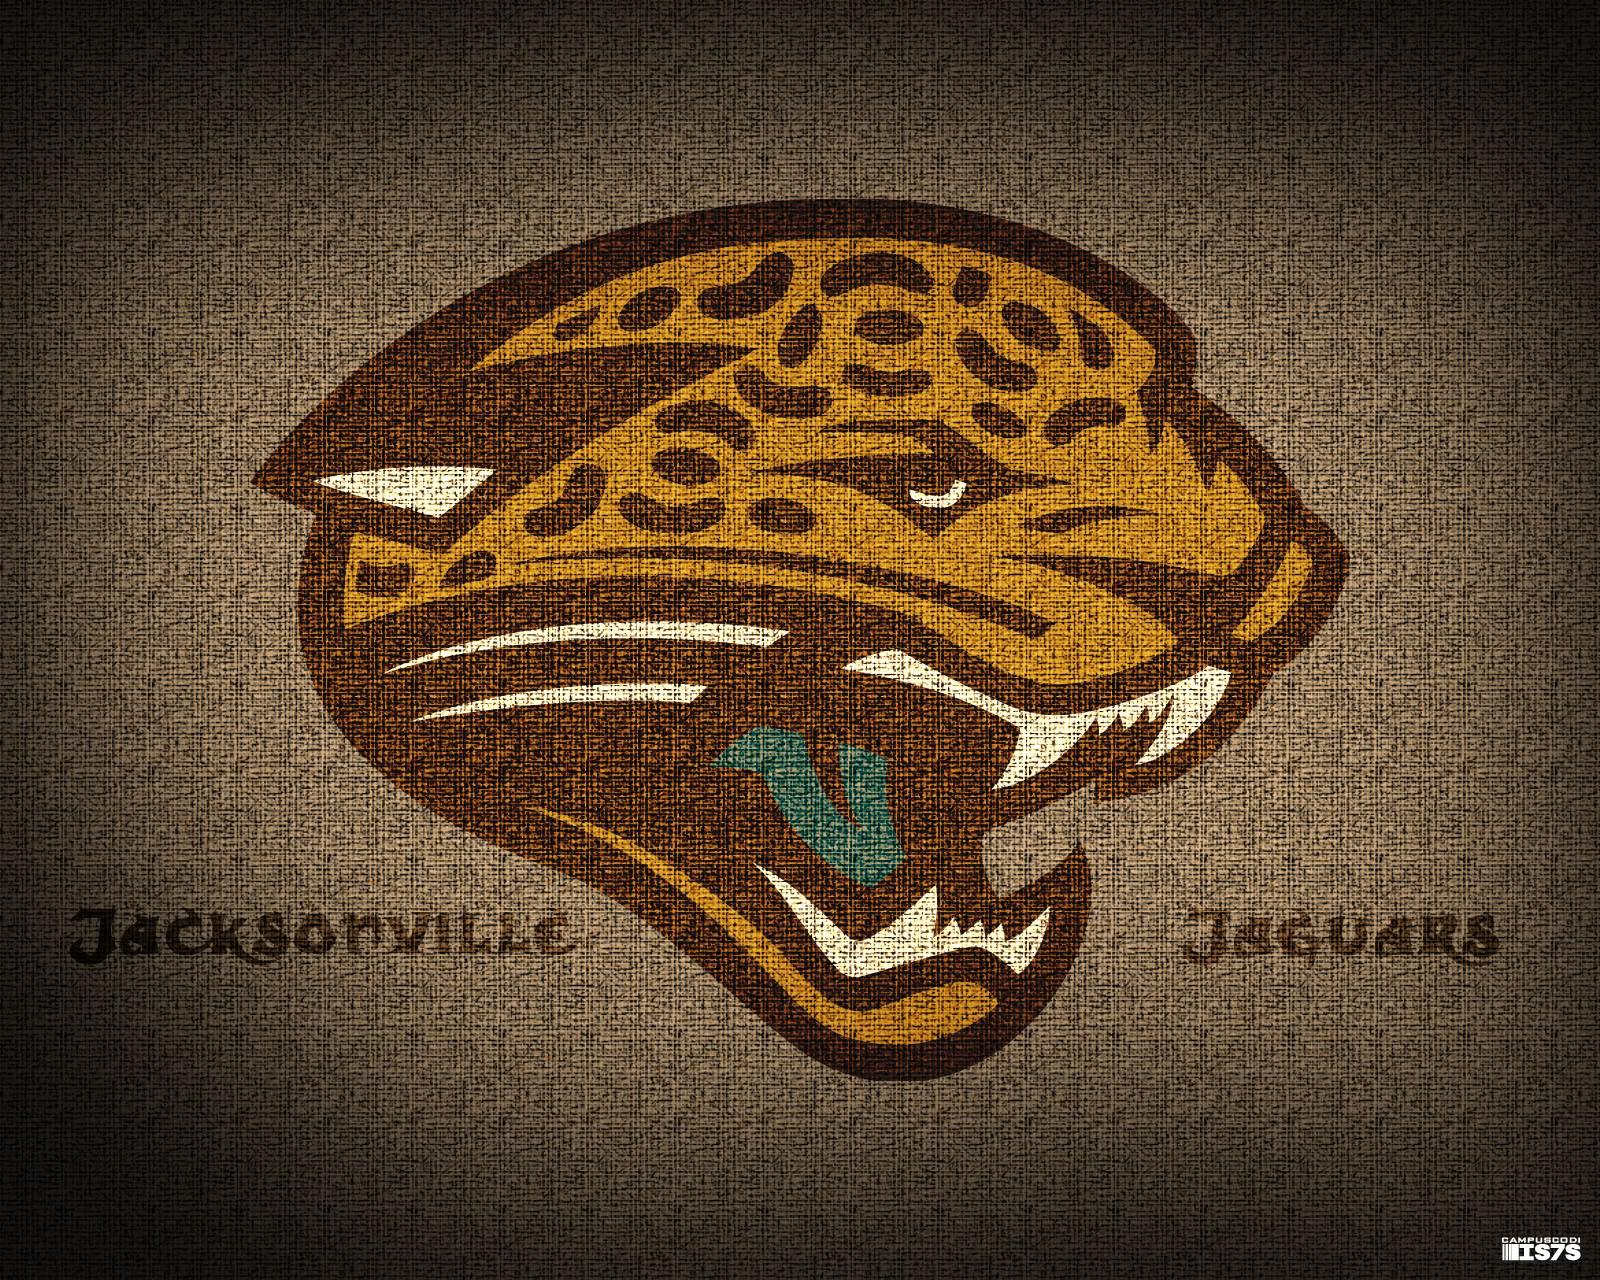 Jacksonville Jaguars 1600x1280